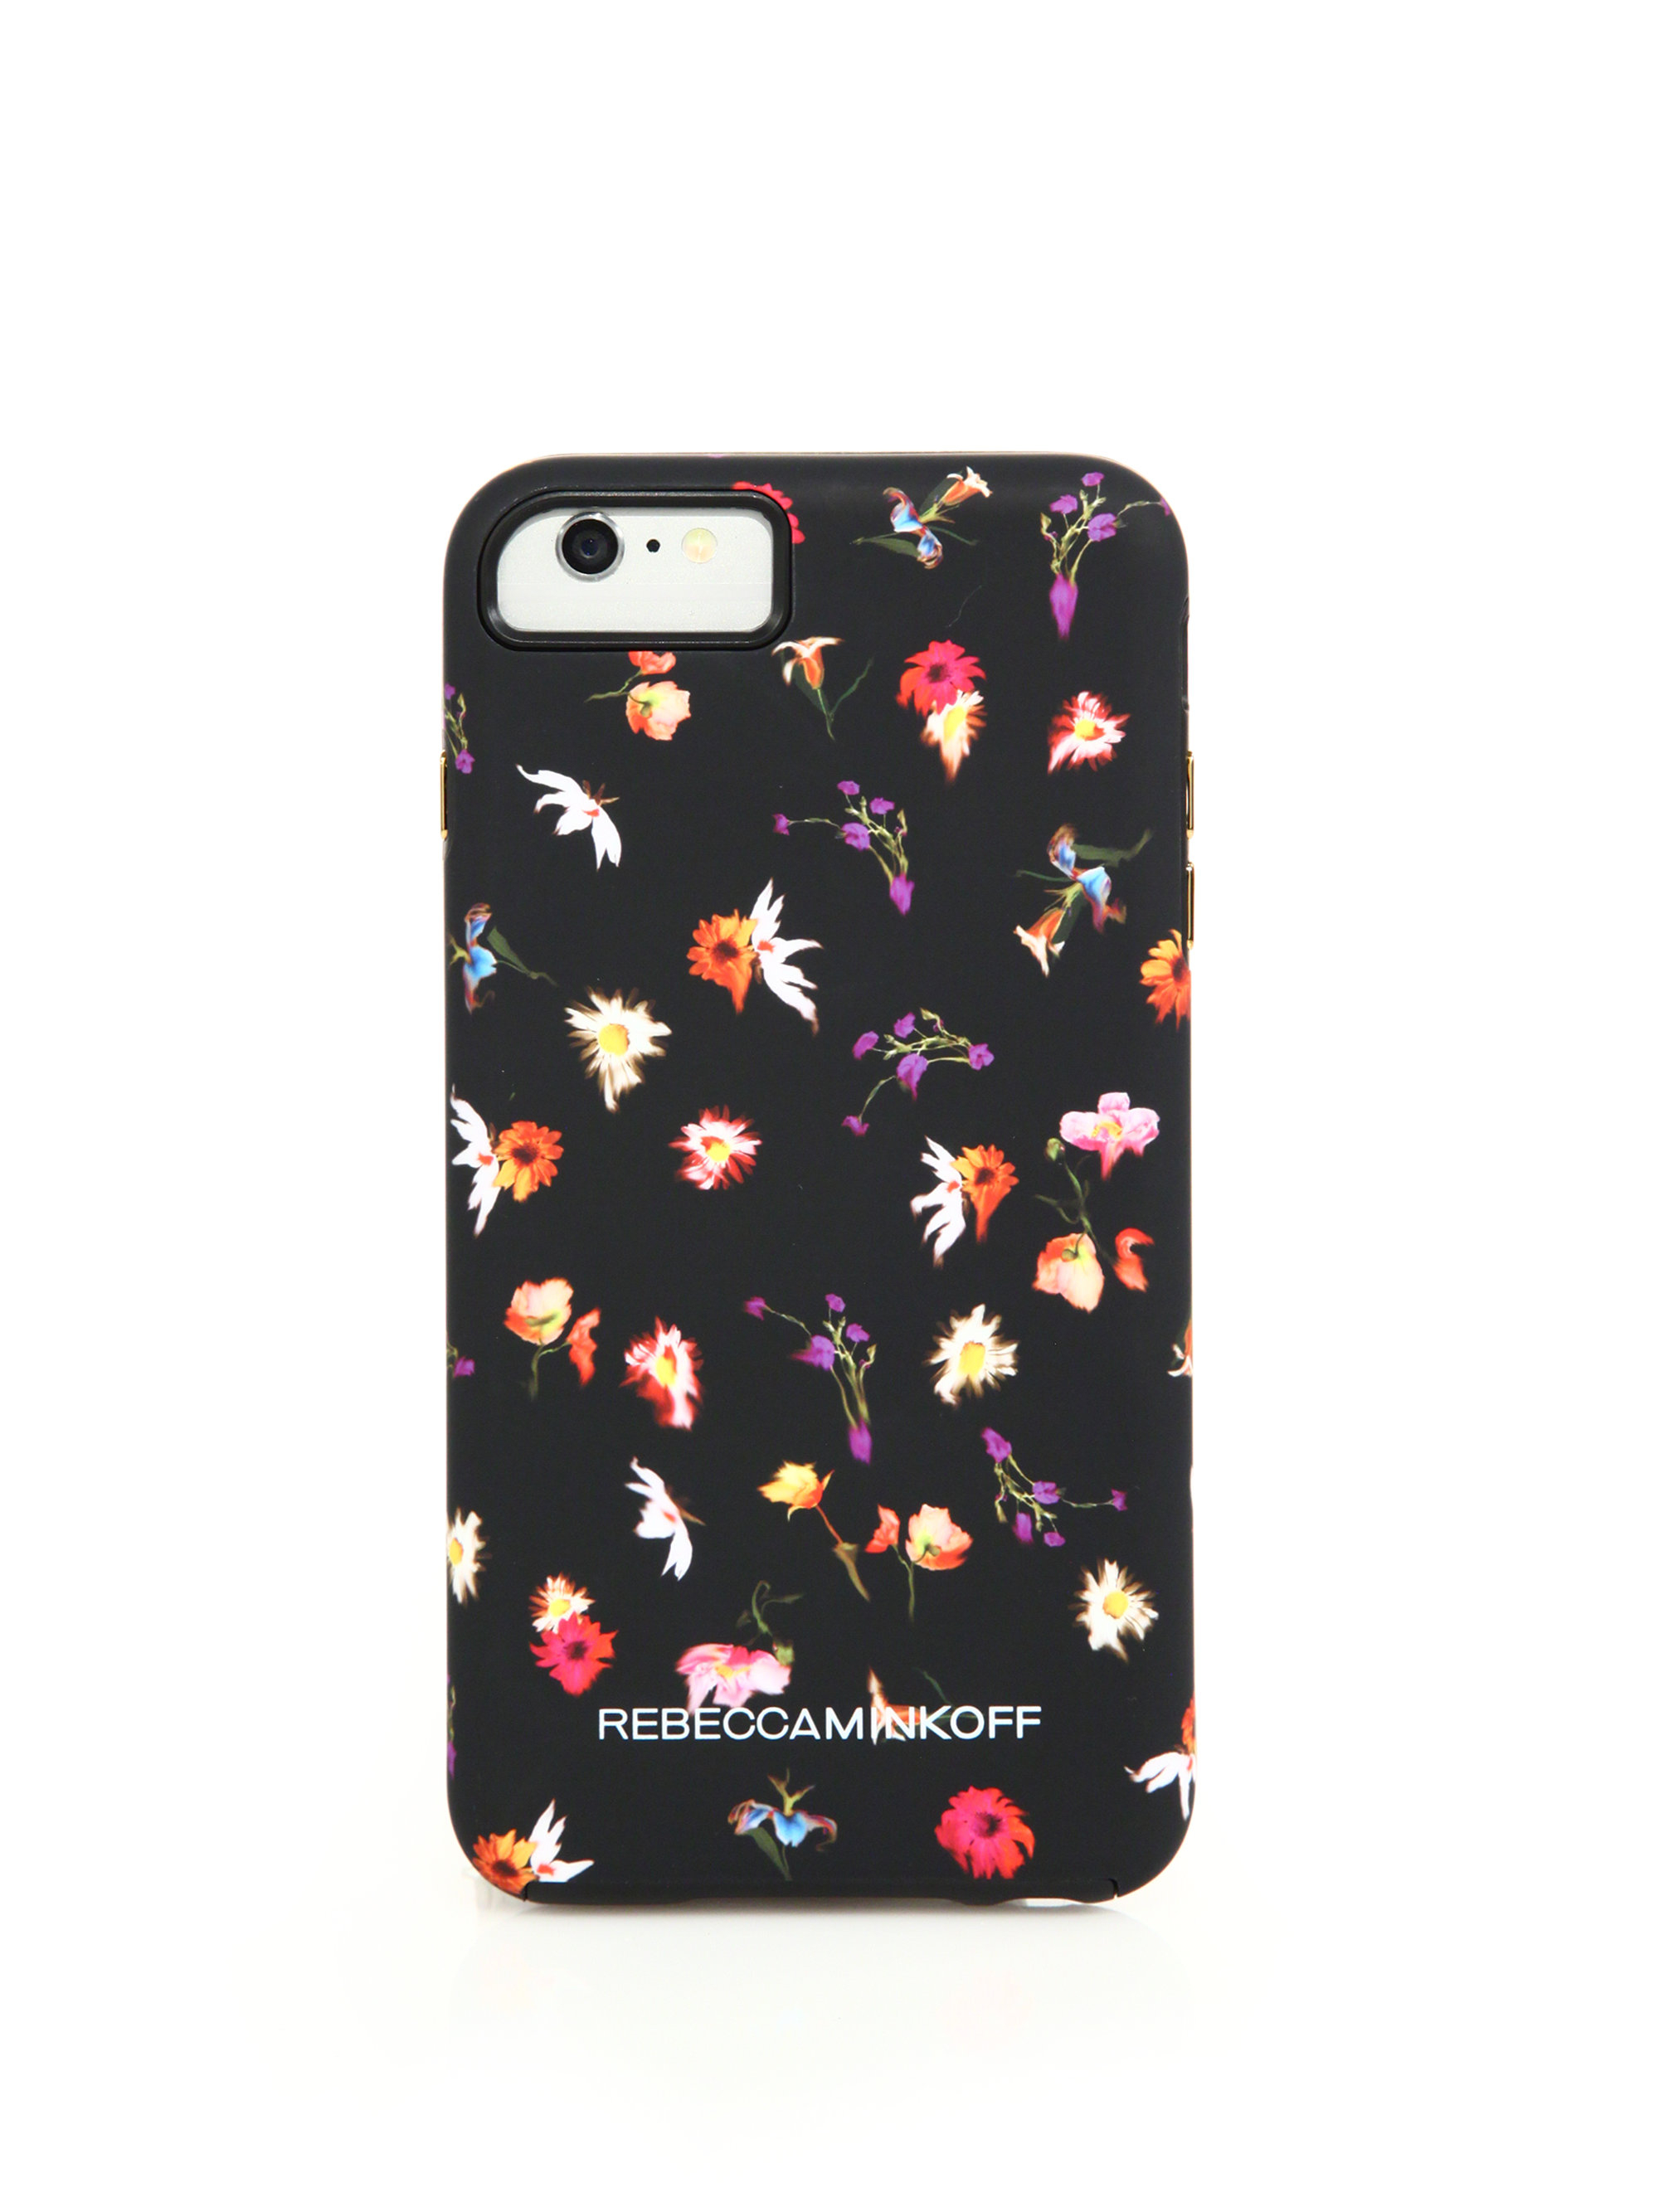 Rebecca Minkoff Iphone S Plus Case